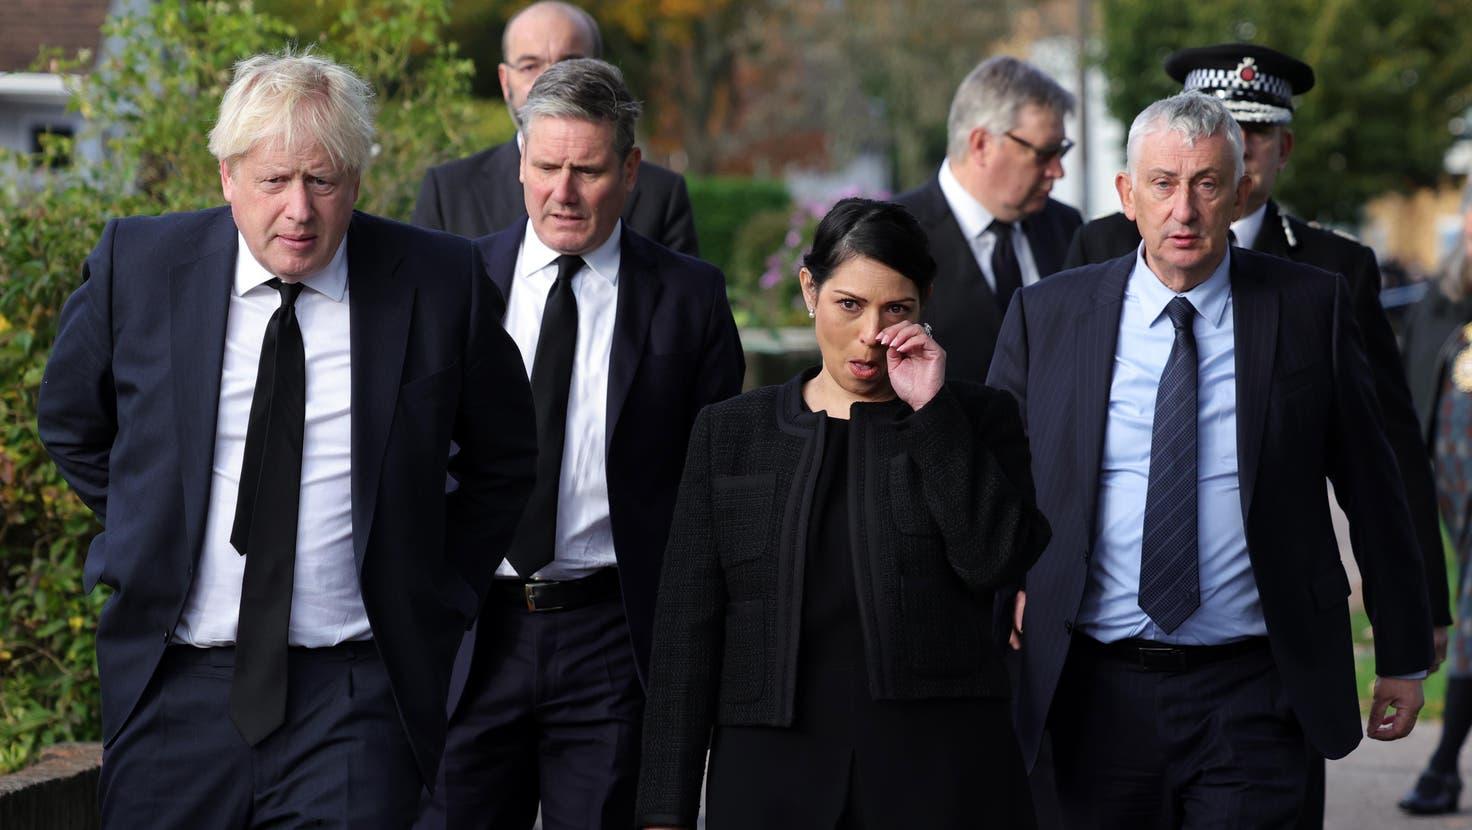 Der britische Premier Boris Johnson mit dem Labour-Chef Keir Starmer und Innenministerin Priti Patel bei ihrem Besuch in Leigh-on-Sea, wo am Freitag der Abgeordnete David Amess ermordet worden ist. (EPA)